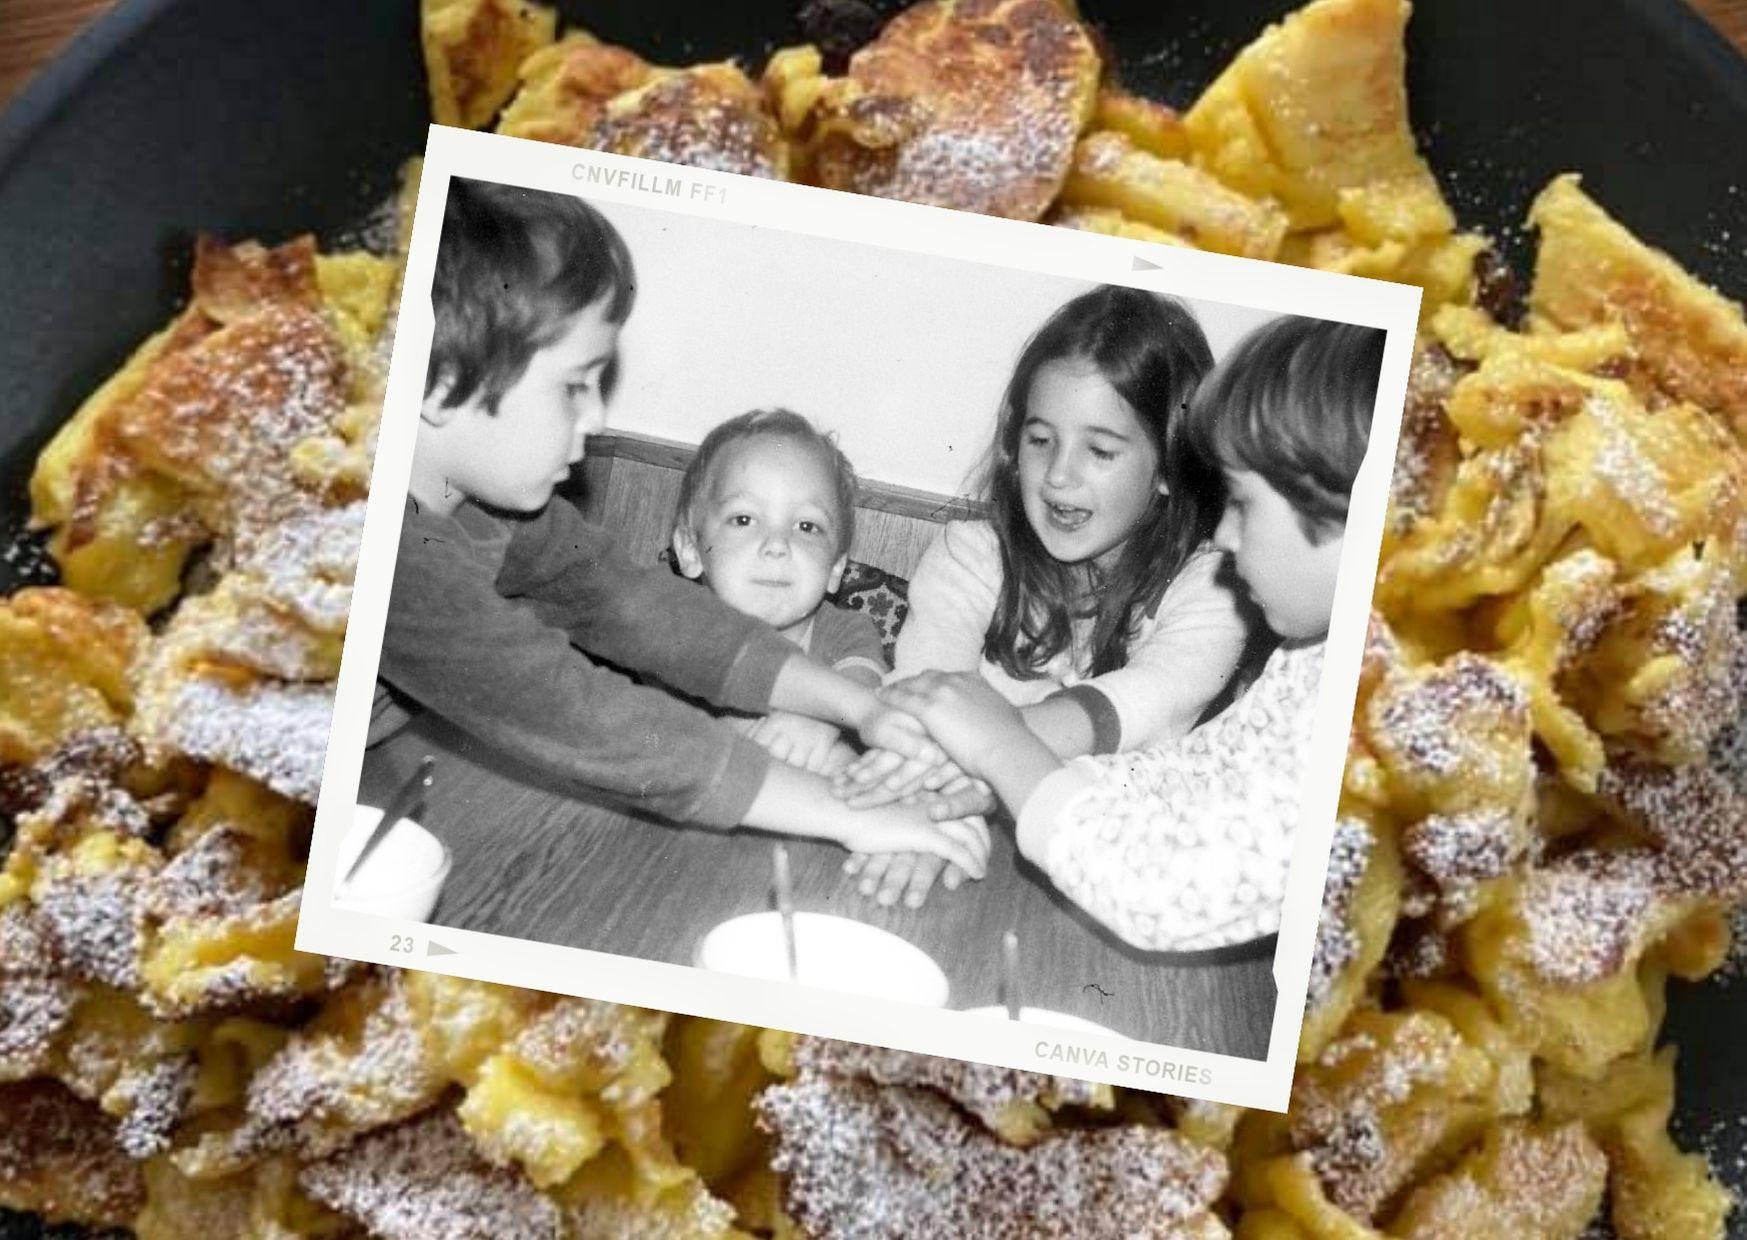 So schmeckt Kindheit: Kaiserschmarrn und Kartoffel-Wirrler – was wurde bei euch zu Hause gekocht?